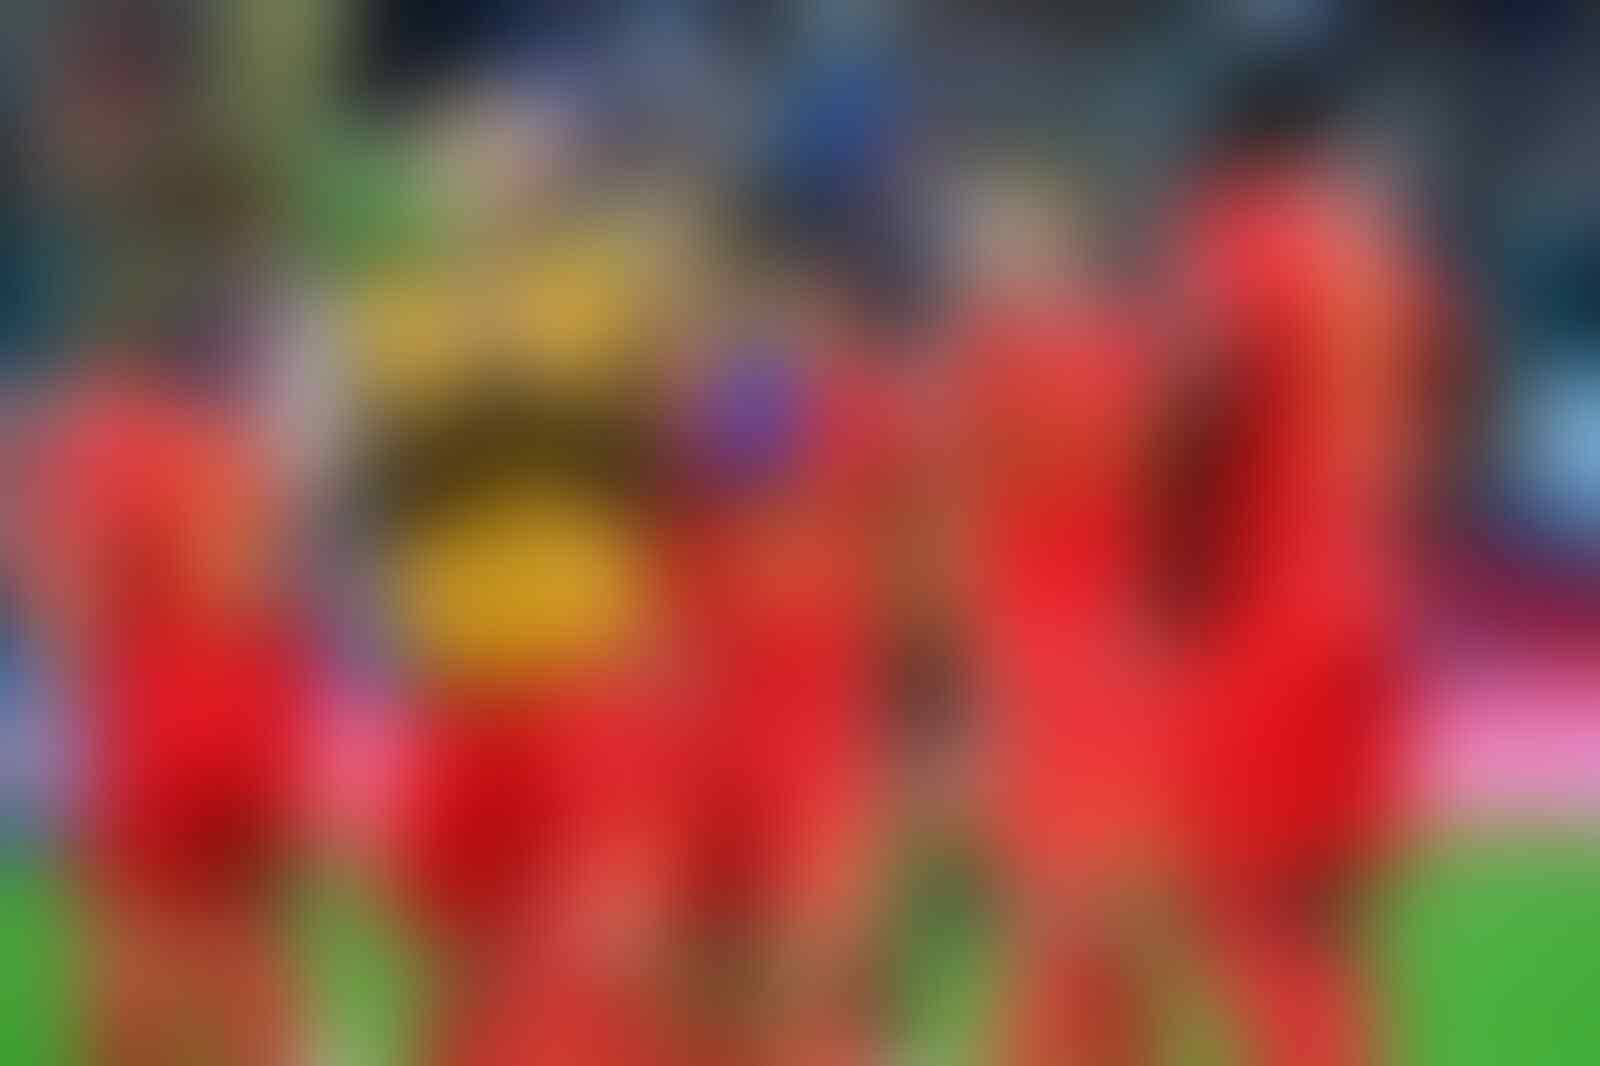 Calon Bintang, Inilah 5 Pemain Muda Penerus Generasi Emas Belgia